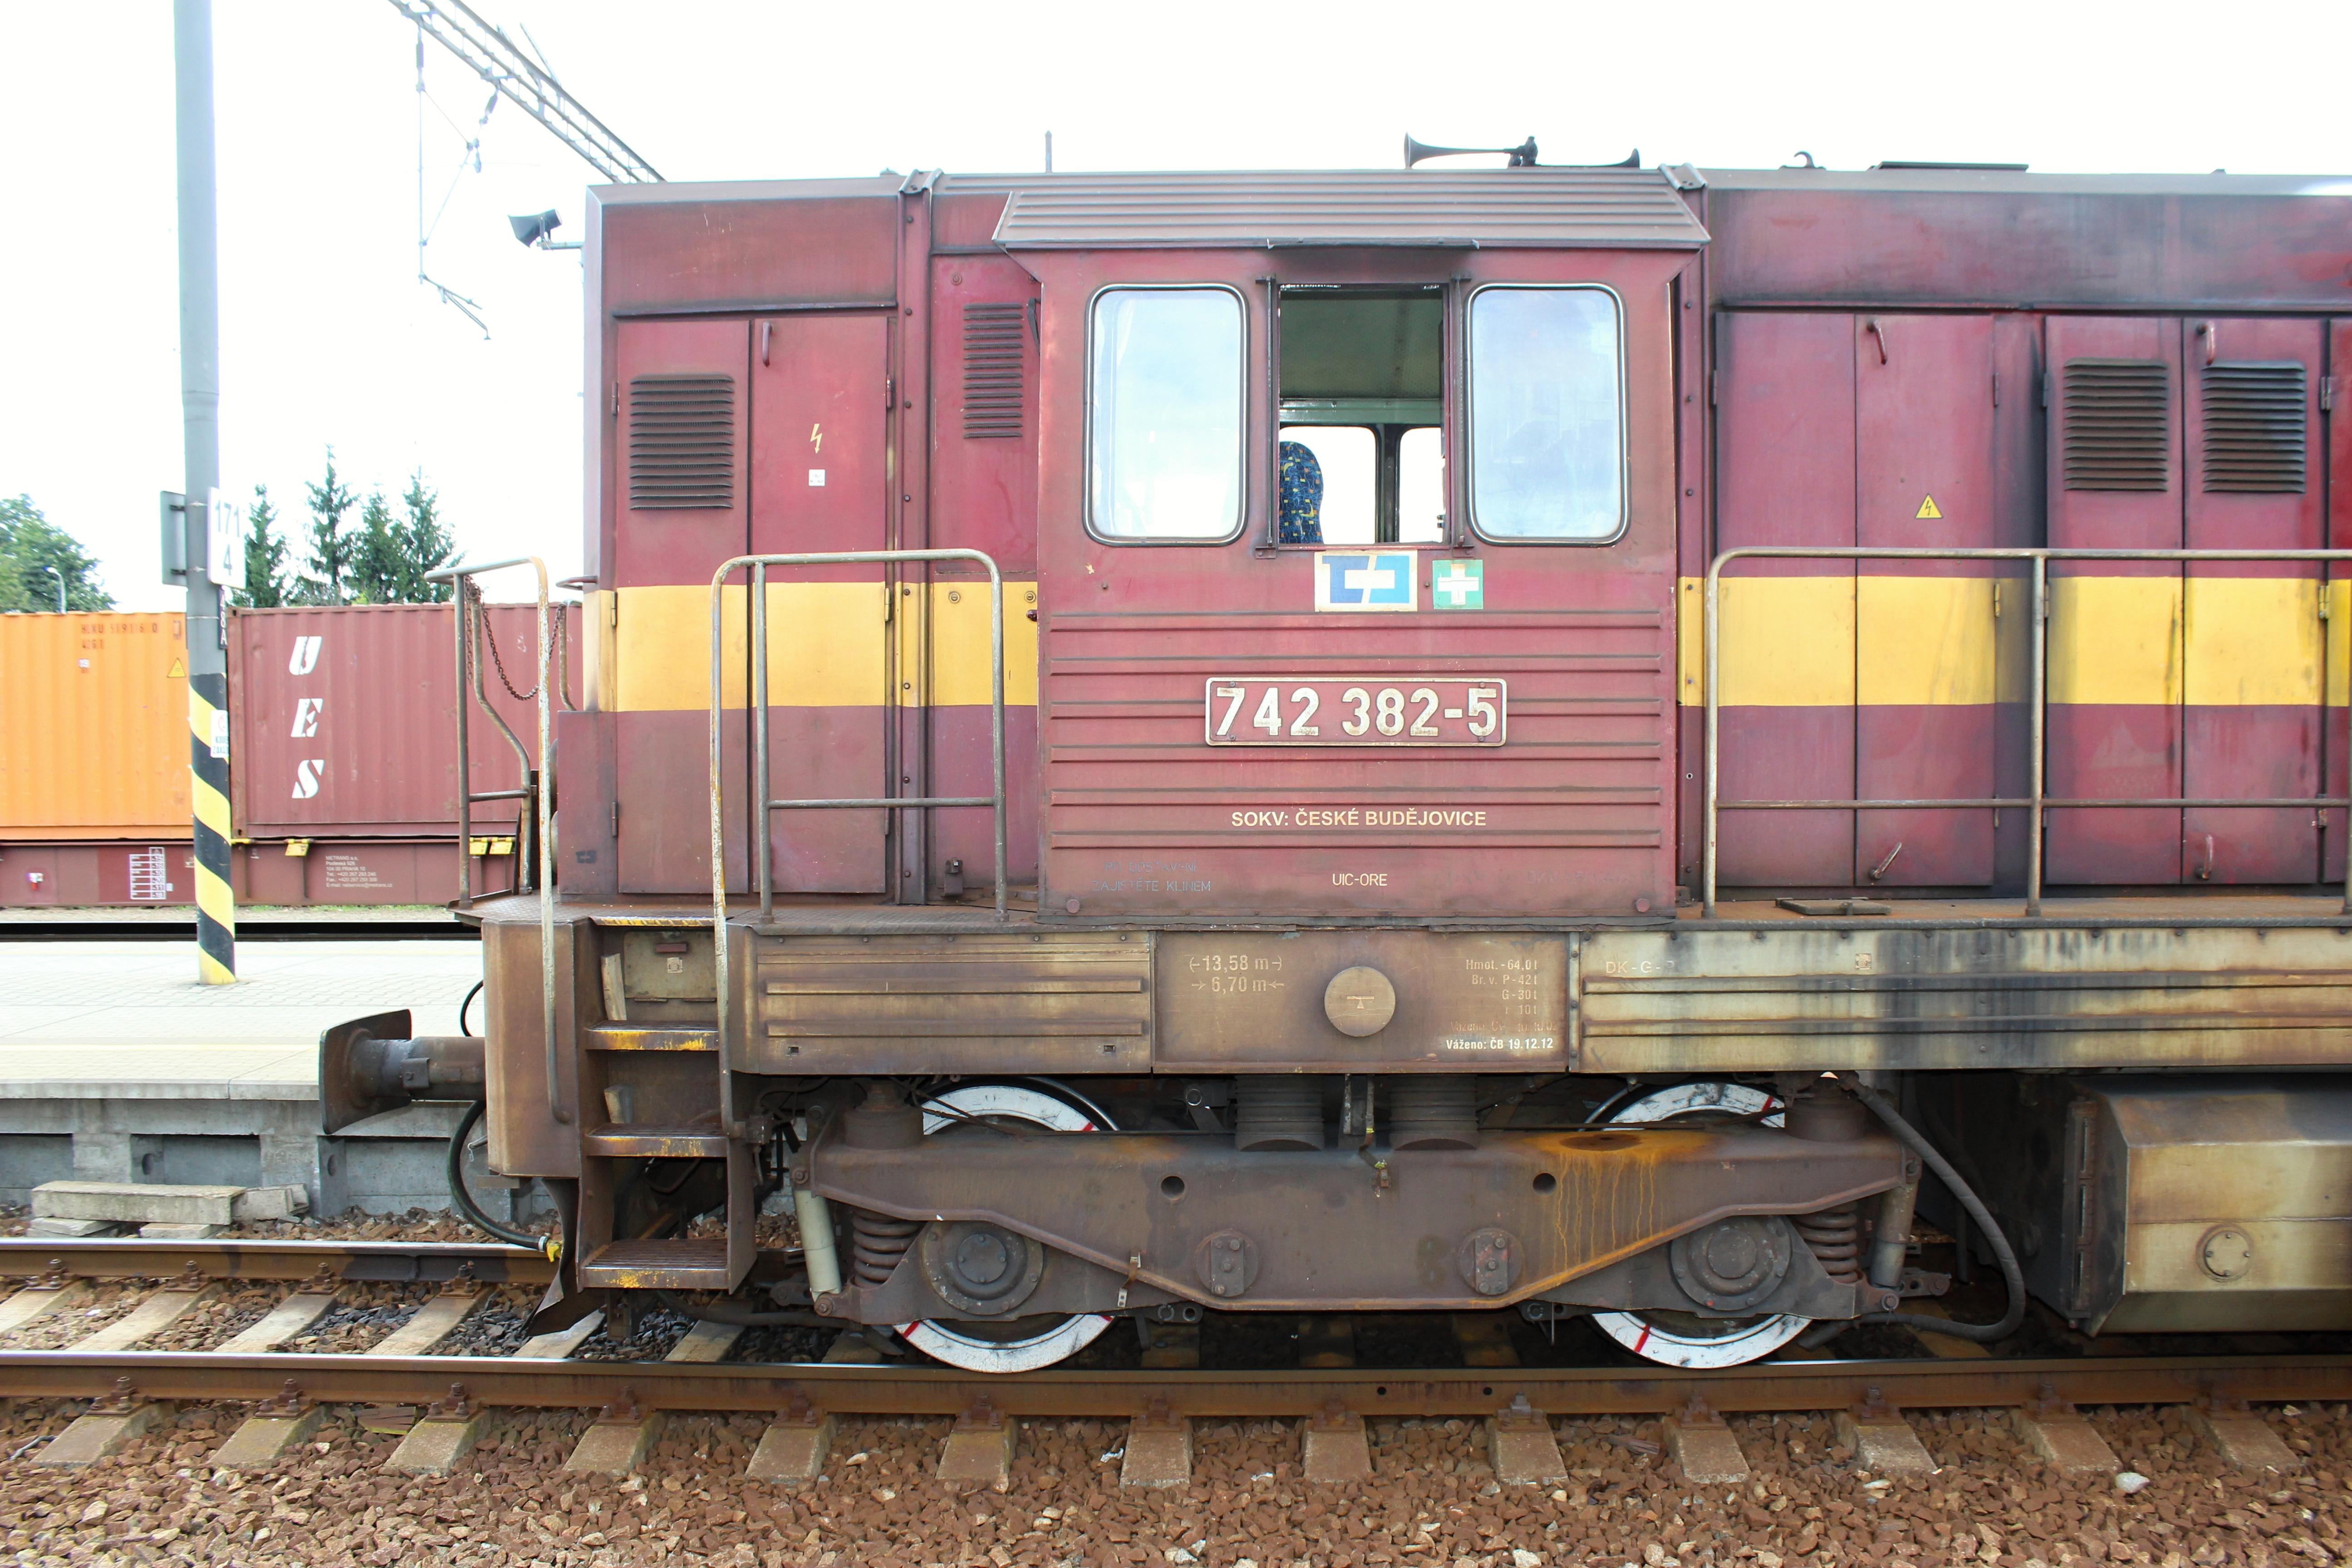 Lokomotiva 742 382 - 5 na nádraží Uhříněves stanoviště strojvedoucího čelně  z